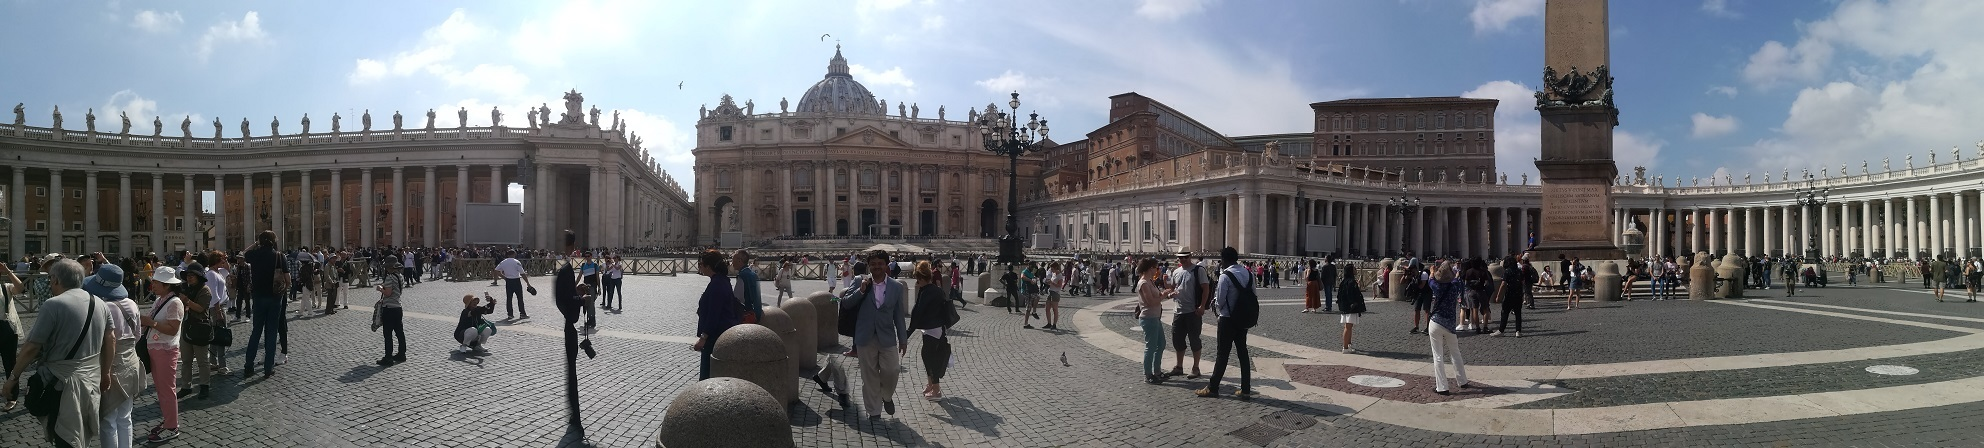 33 サンピエトロ広場 正面がサンピエトロ大聖堂